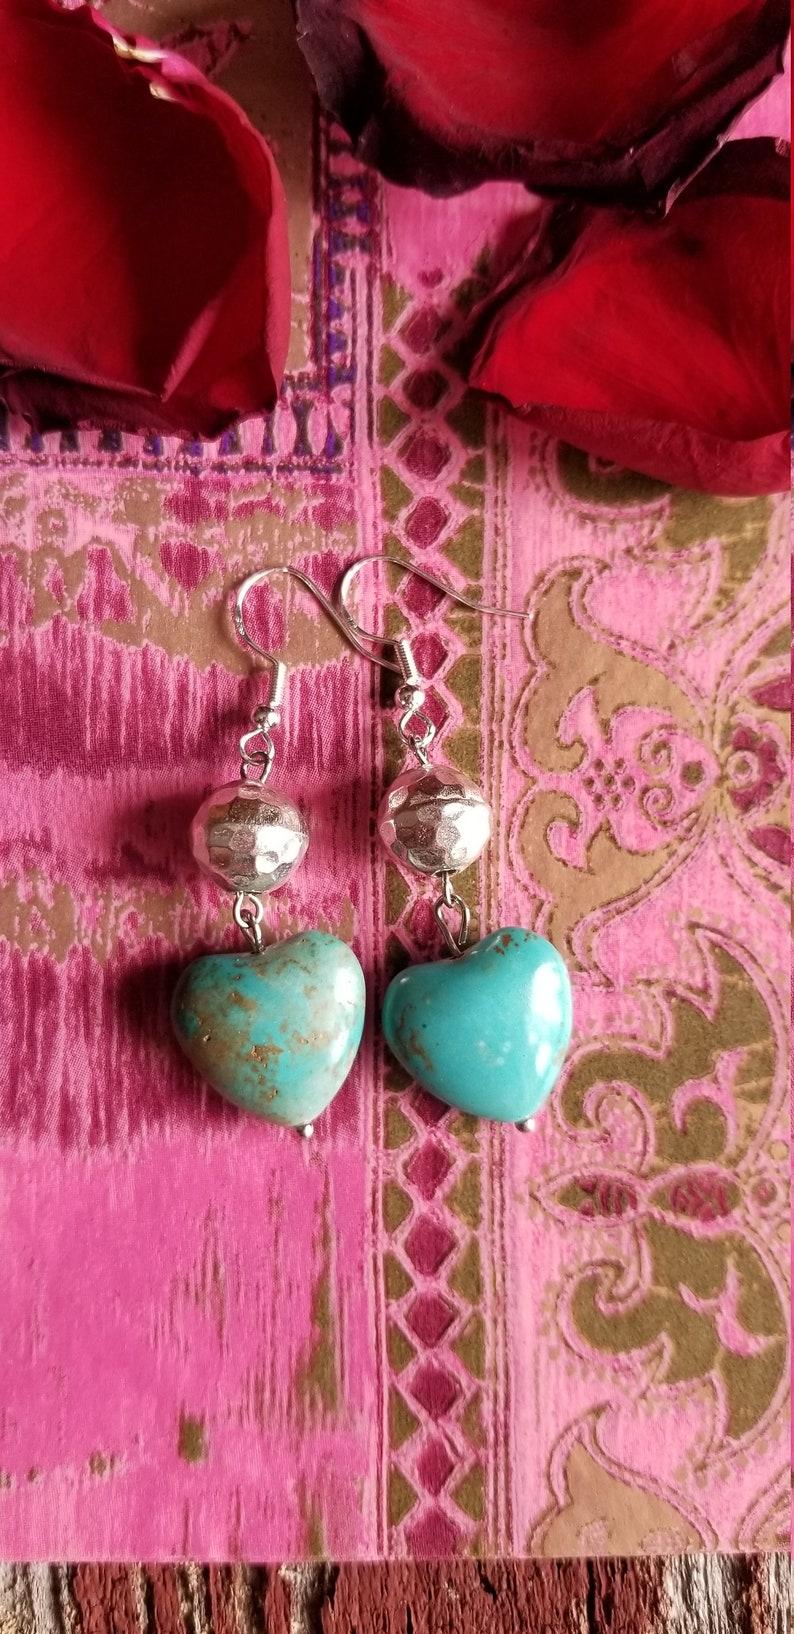 Southwestern Earrings Sterling Silver Earrings Women/'s Jewelry Gift Women/'s Earrings Turquoise Earrings Heart Earrings Valentine/'s day